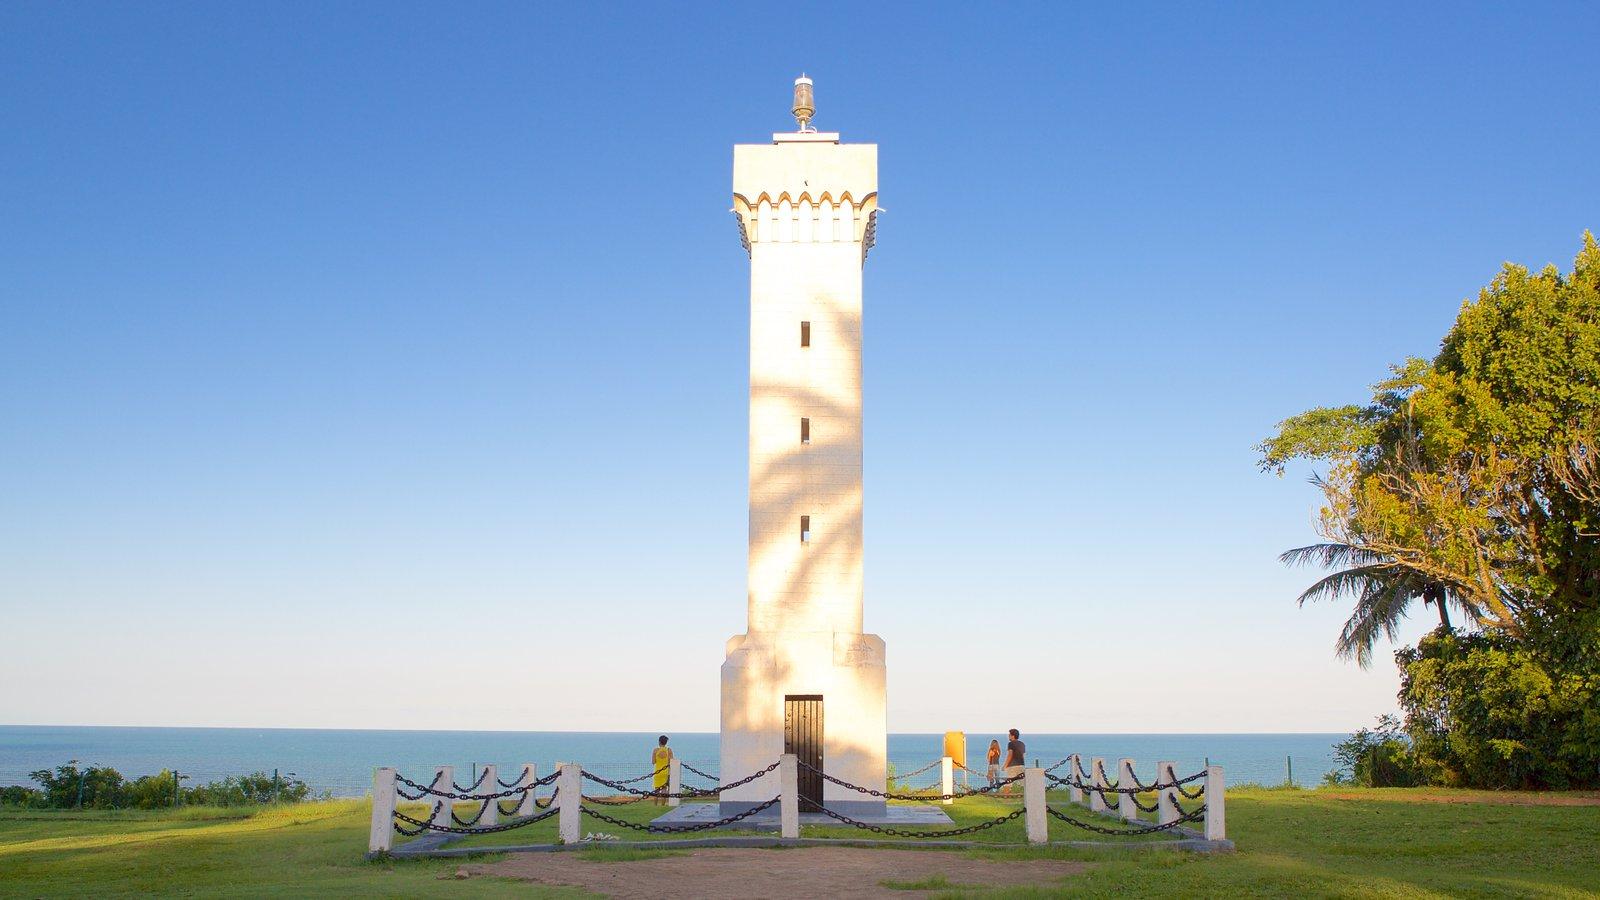 Porto Seguro que inclui paisagens litorâneas e um monumento